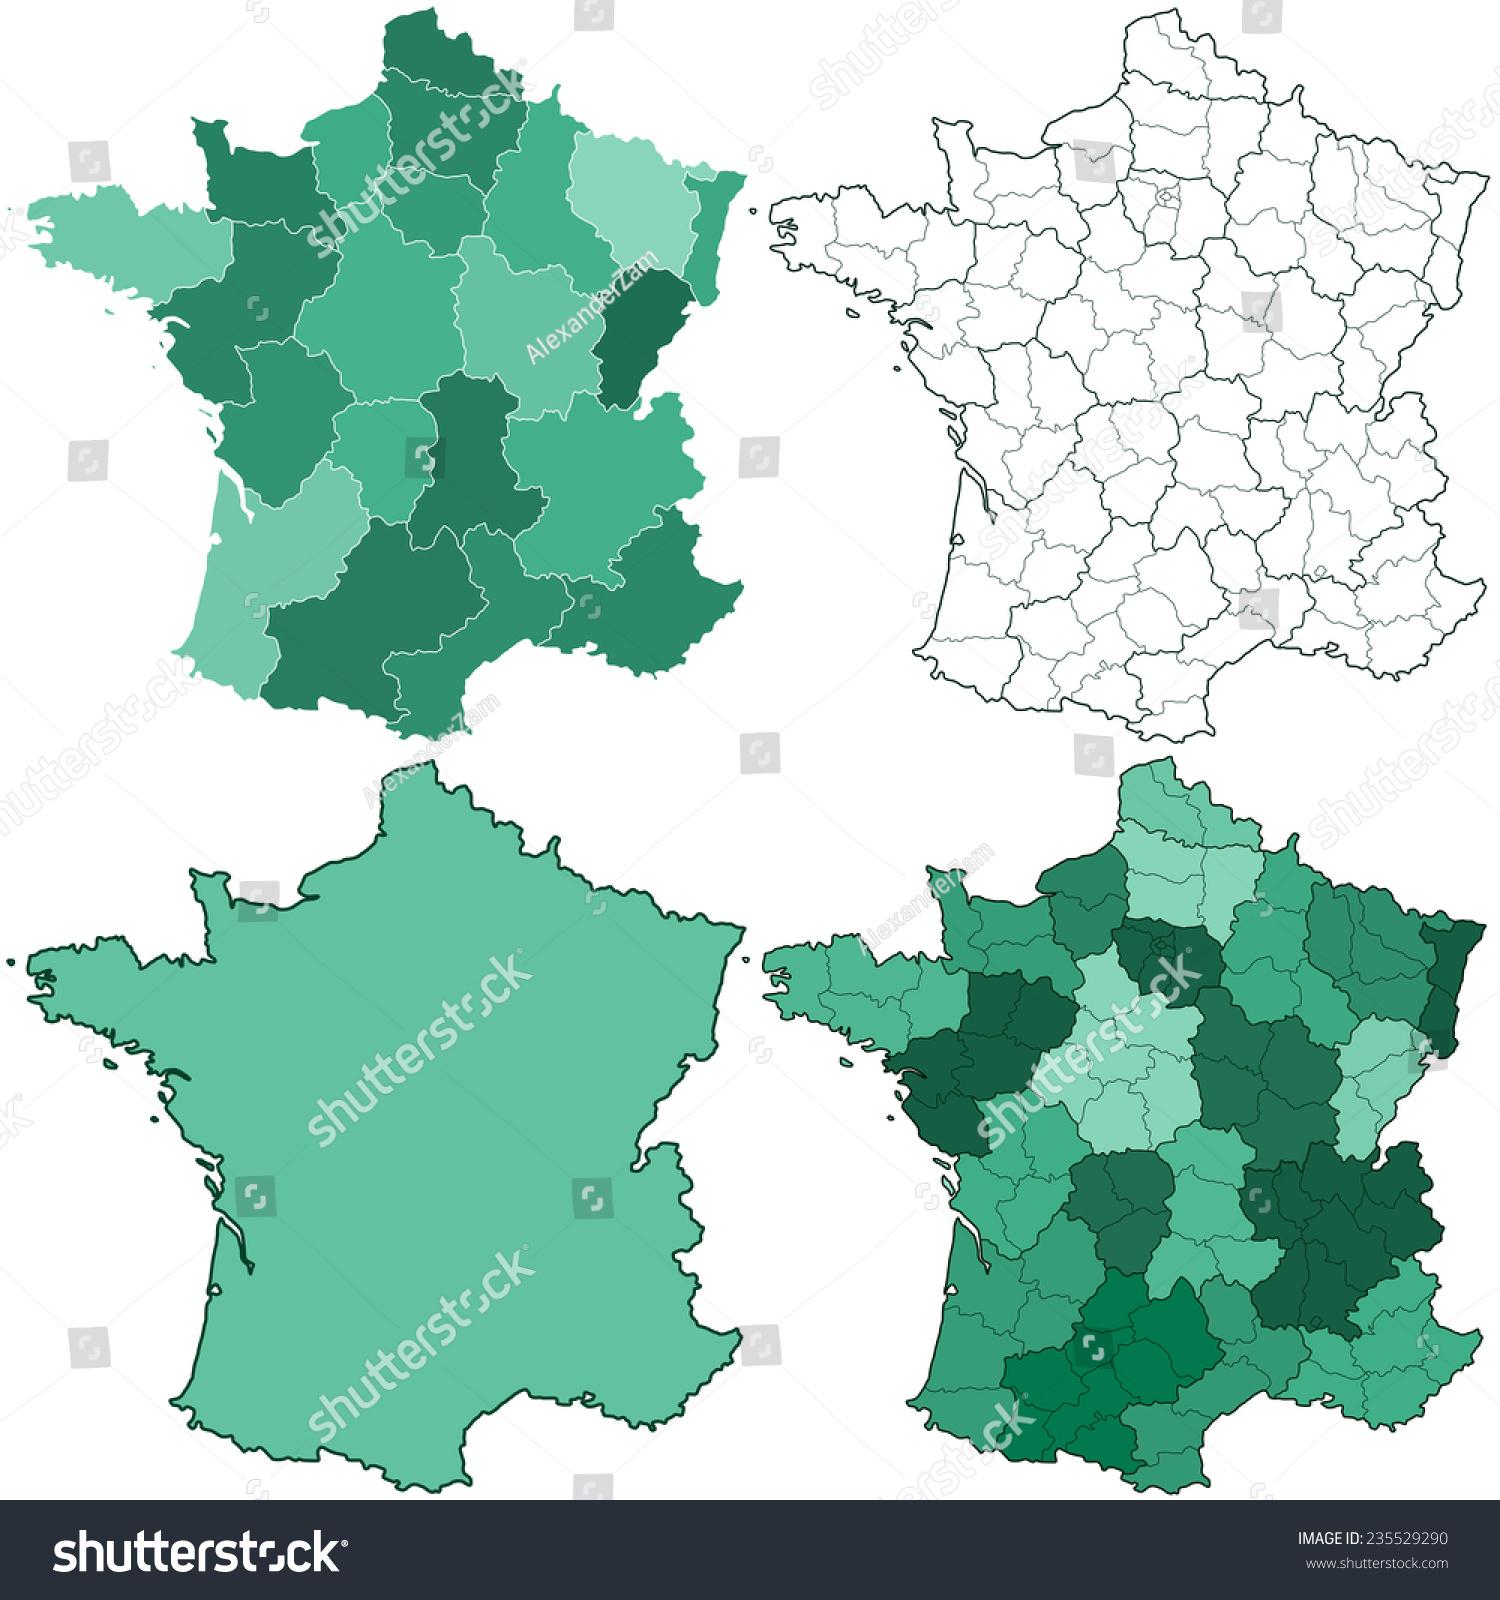 Image Vectorielle De Stock De Silhouette Carte Ensemble De intérieur Plan De France Avec Departement